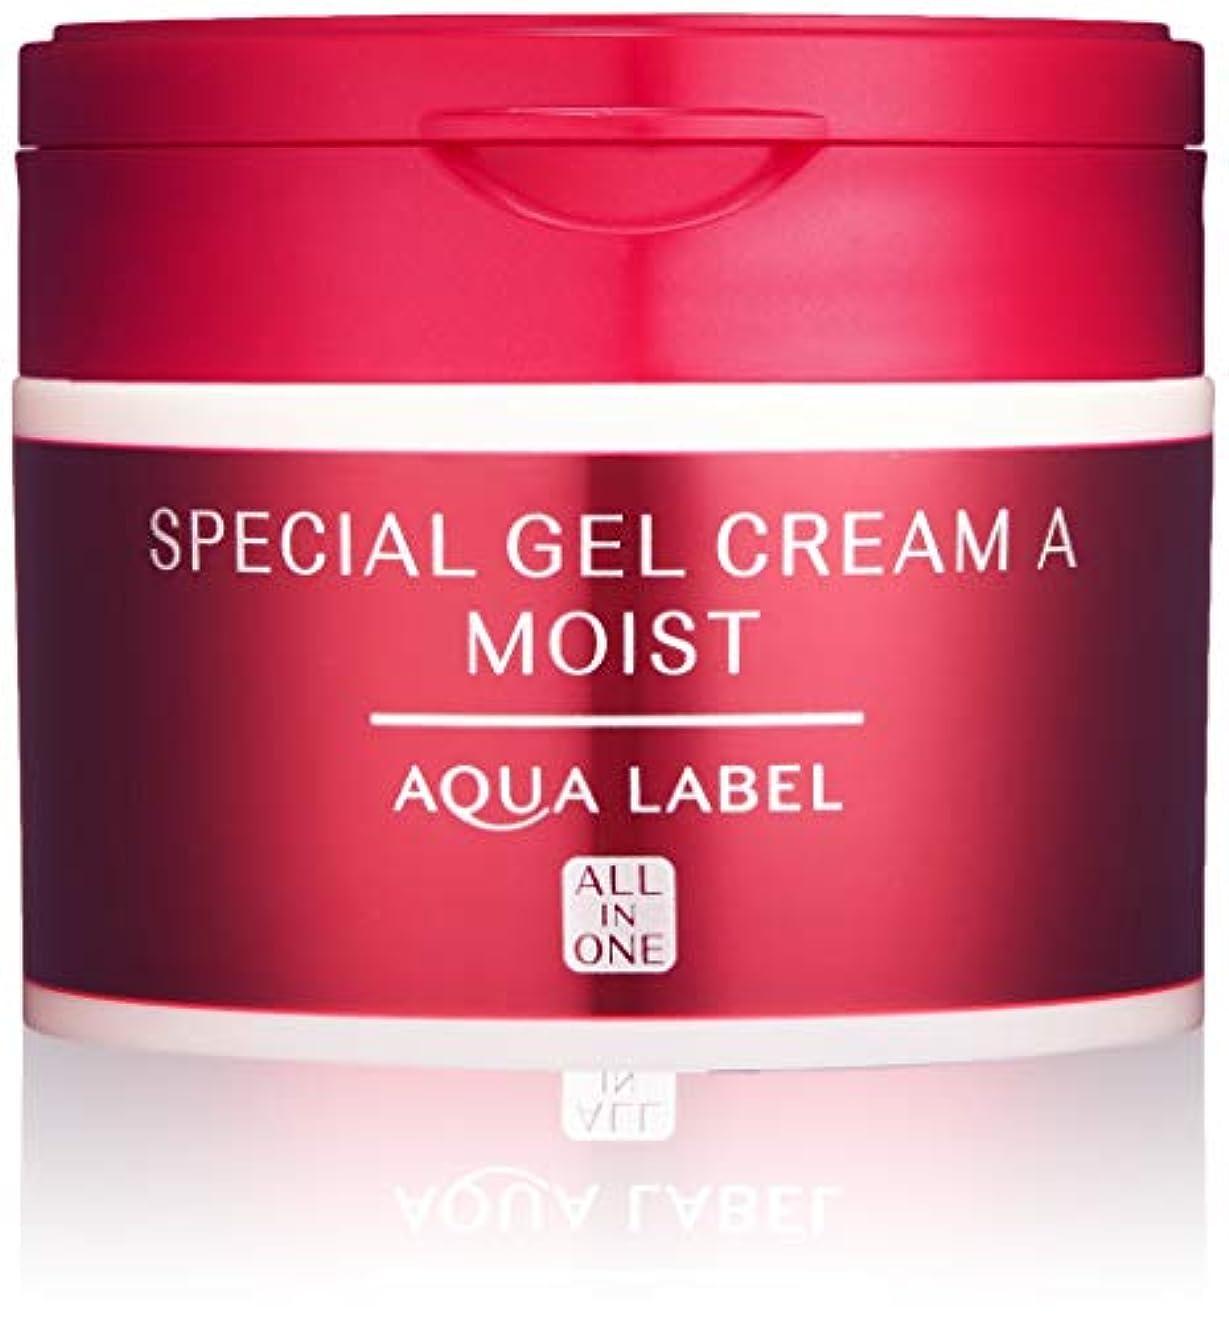 丈夫苛性観点AQUALABEL(アクアレーベル) アクアレーベル スペシャルジェルクリームA (モイスト) ハーバルローズの優しい香り 単品 90g